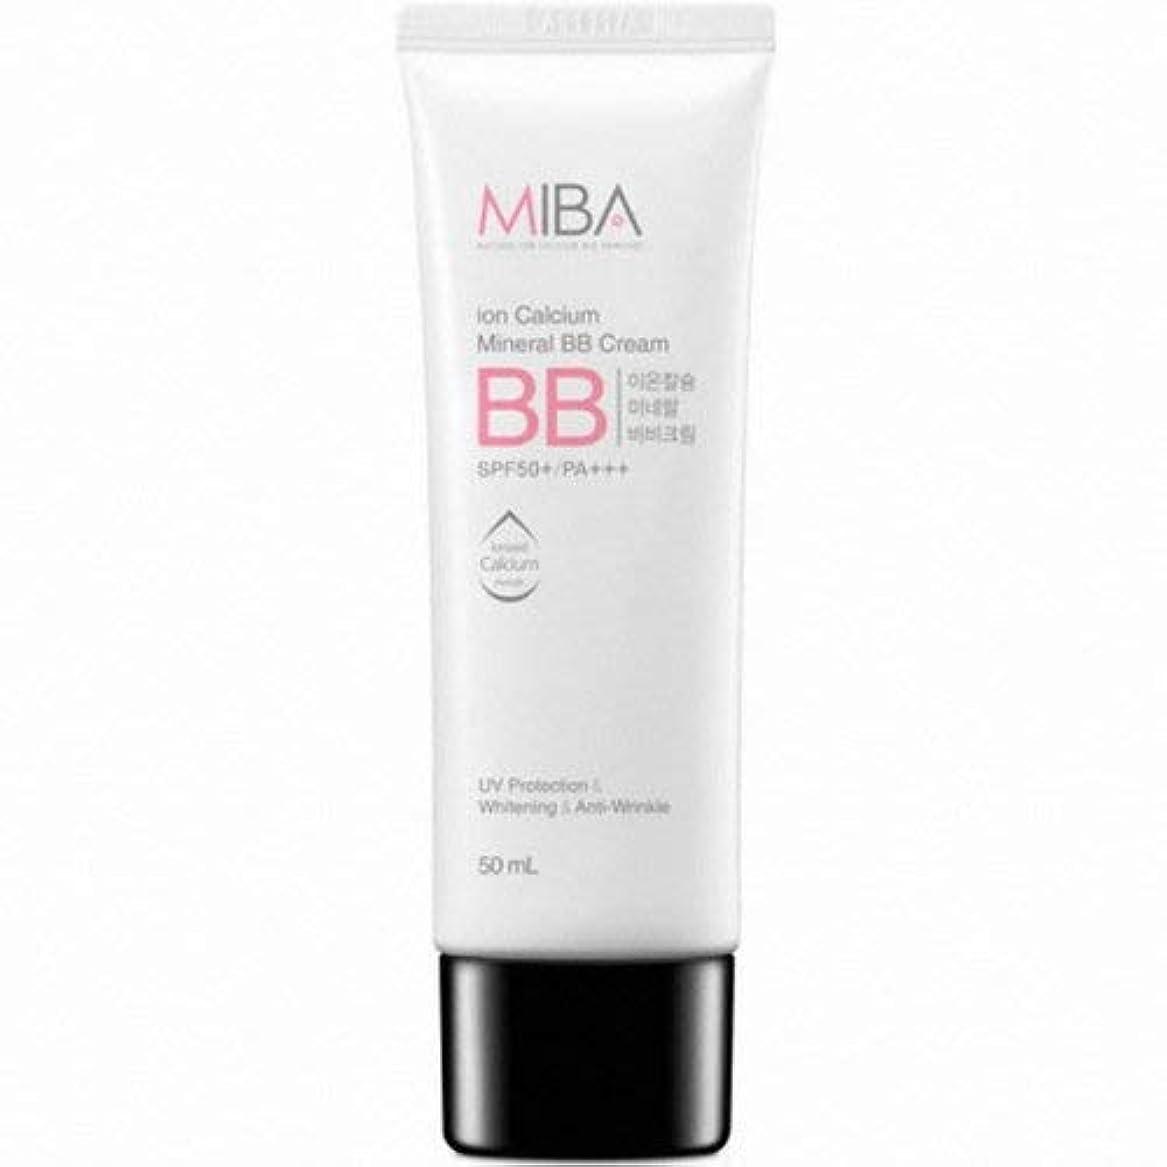 法医学ライン予算MINERALBIO ミバ イオン カルシウム ミネラル ビビクリーム/MIBA Ion Calcium Mineral BB Cream (50ml) [並行輸入品]